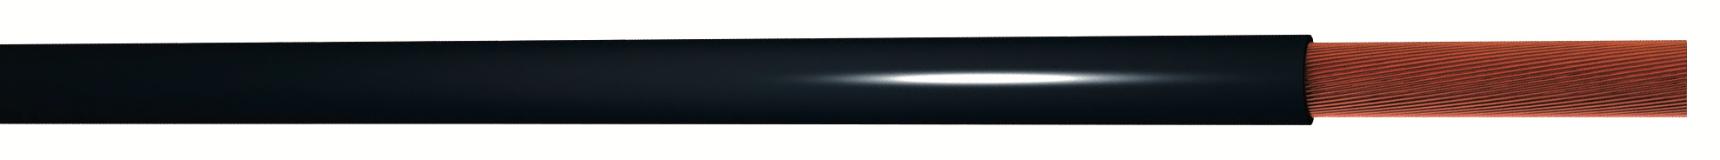 Fil de câblage - MN2XTREM